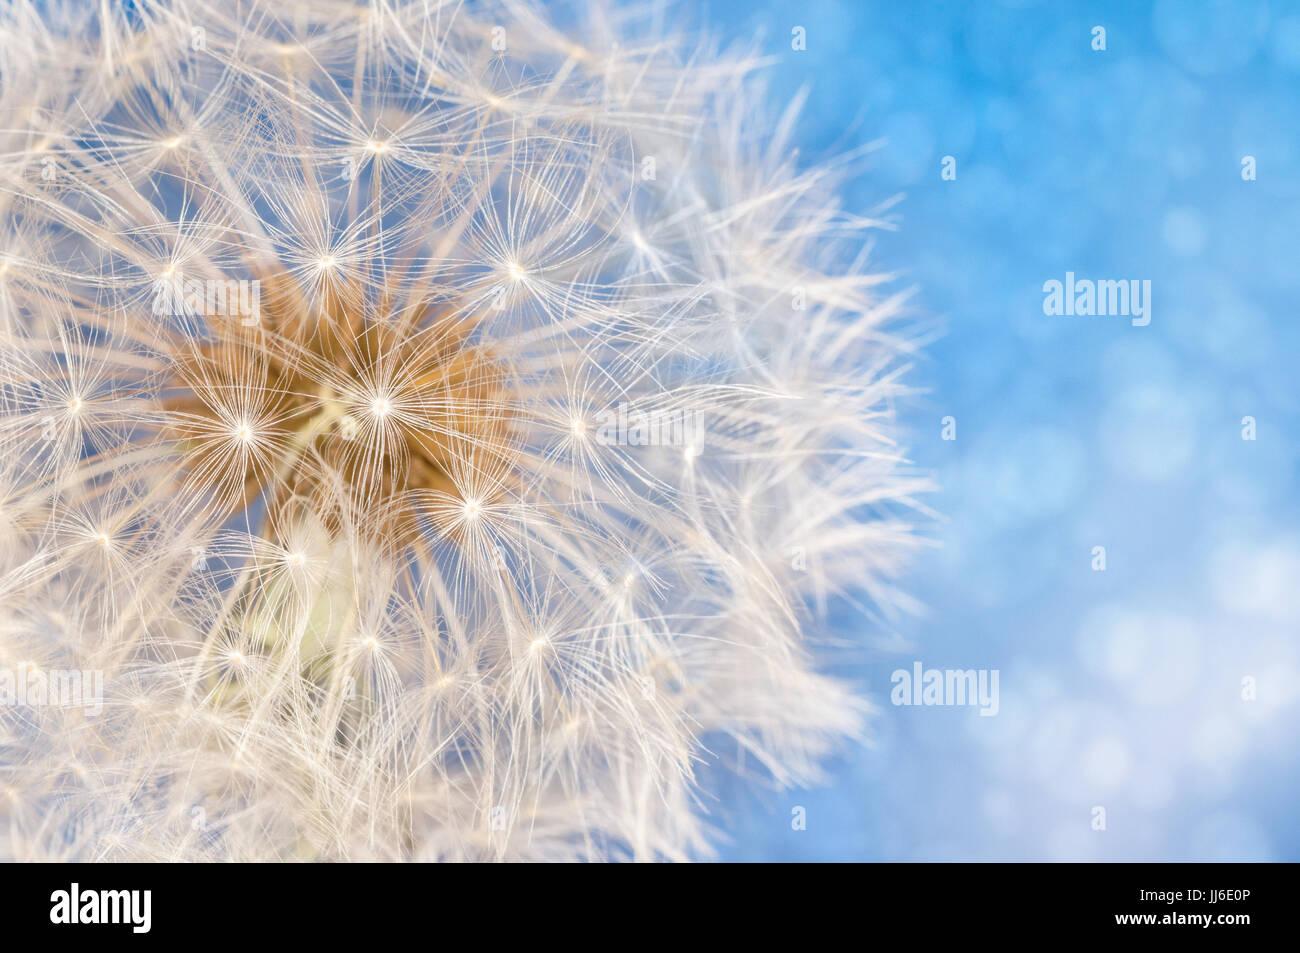 Pissenlit fleur avec des graines balle près jusqu'à l'arrière-plan flou lumineux bleu Photo Stock